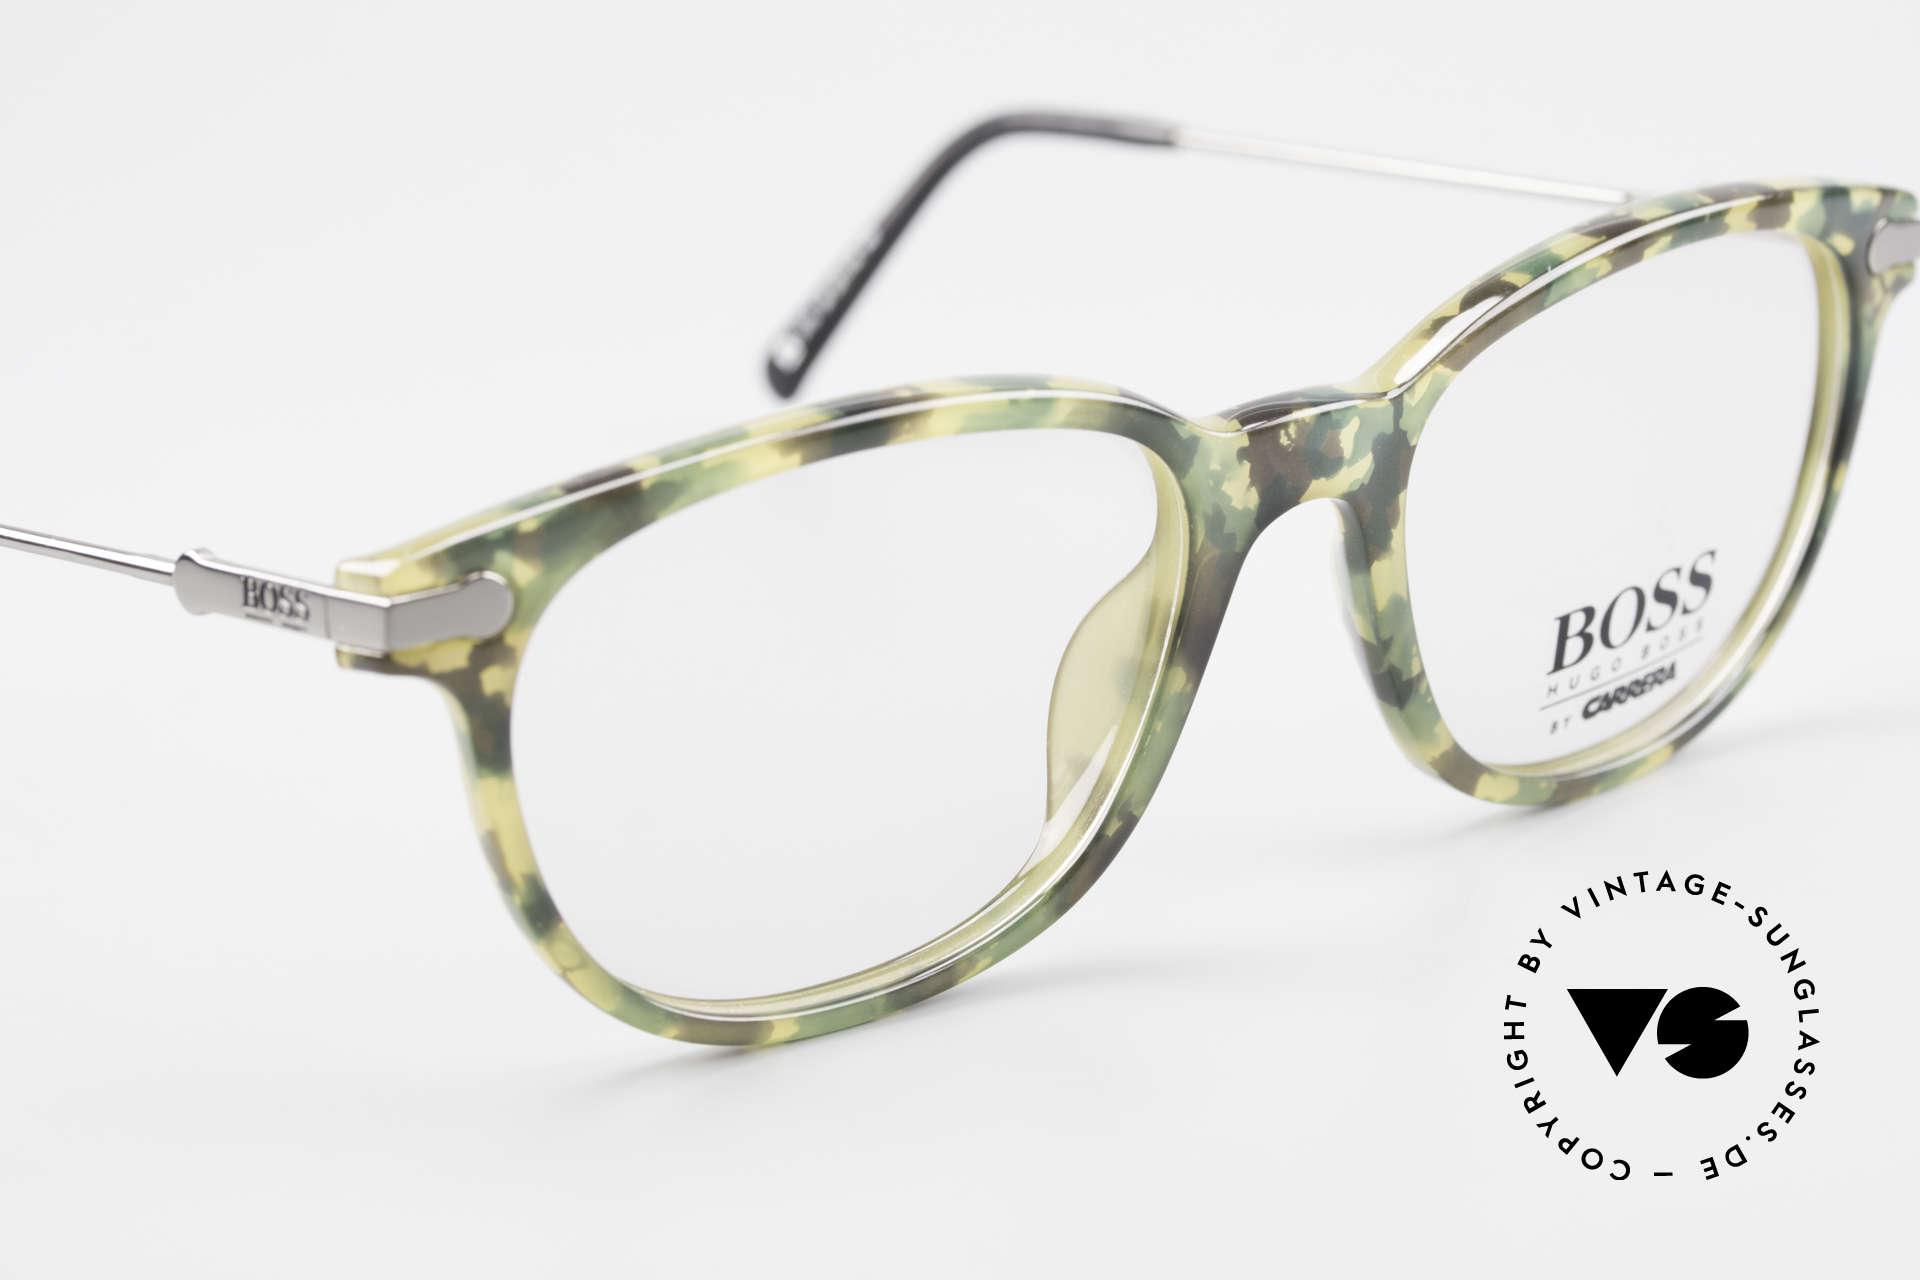 BOSS 5115 Vintage Brille In Tarnfarbe, KEINE RETRObrille, ein ca. 25 Jahre altes ORIGINAL, Passend für Herren